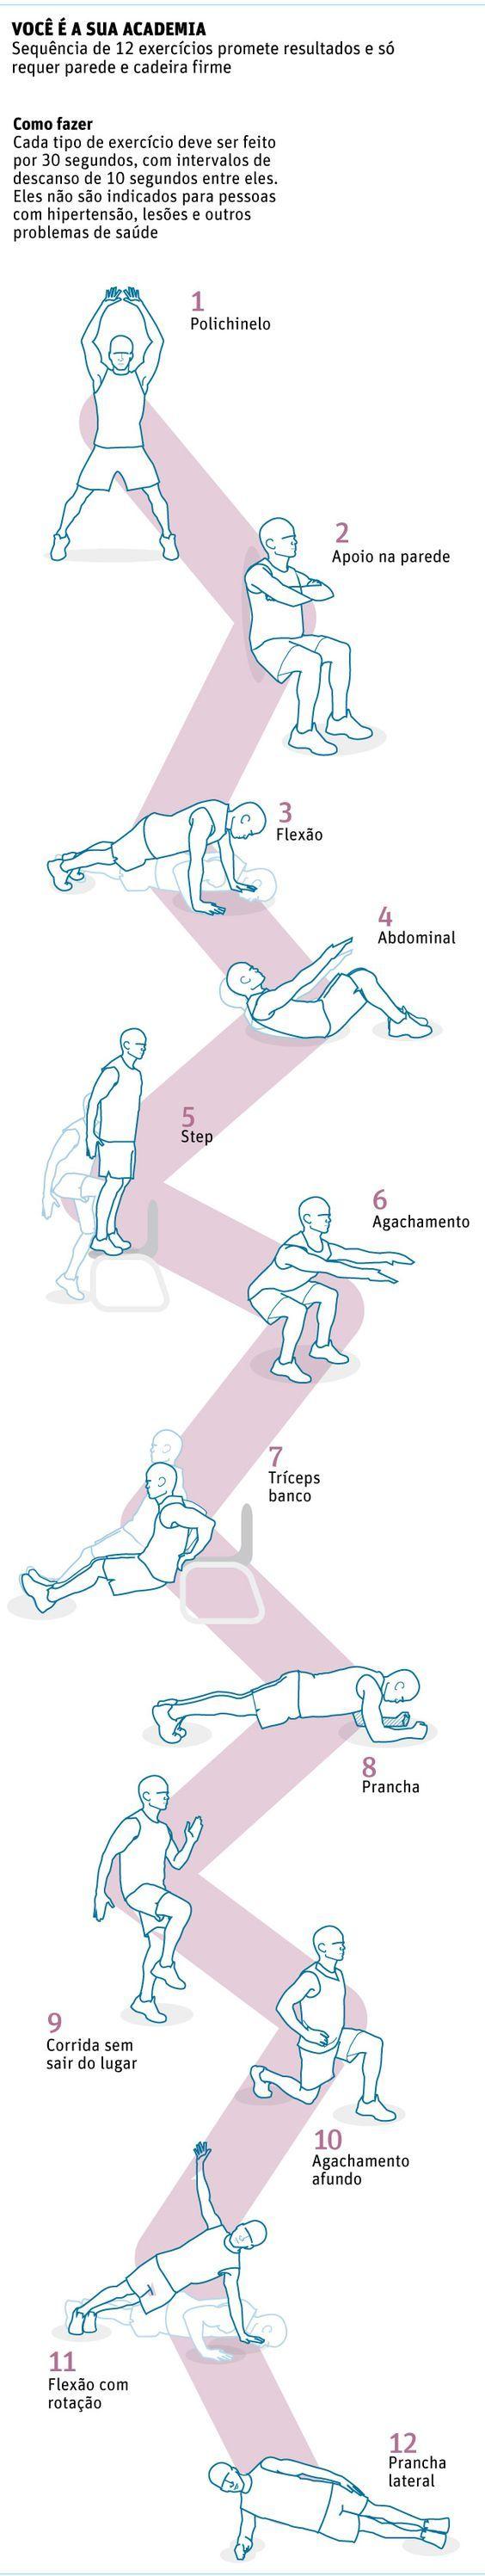 Série de exercícios intensos seduz com ideia de boa forma em sete minutos